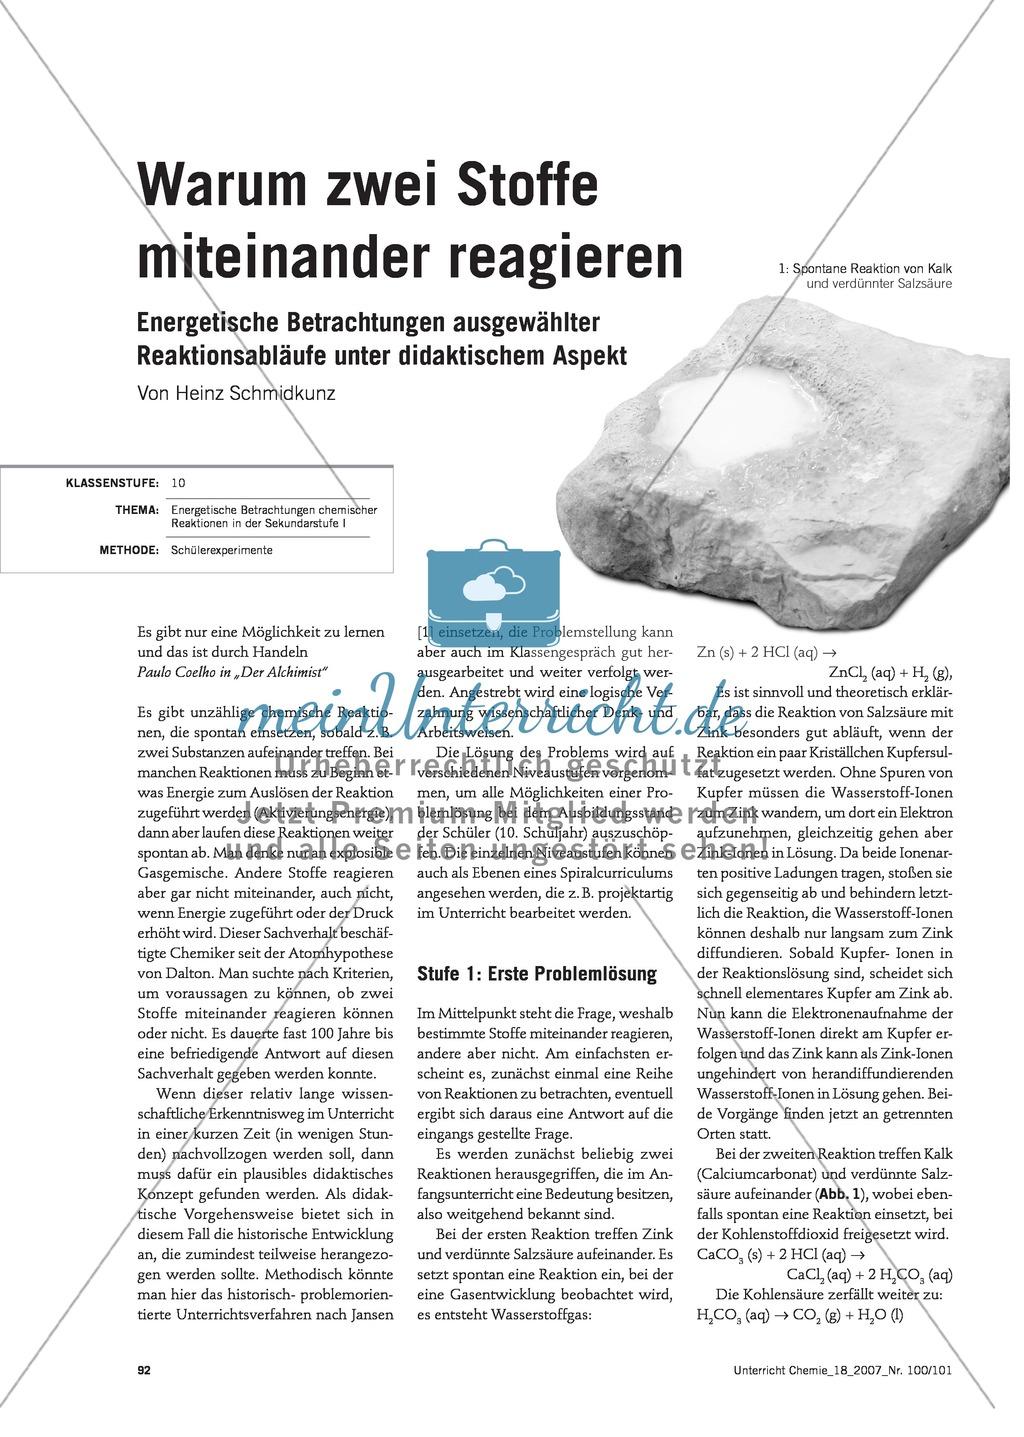 Energetische Betrachtung chemischer Reaktionen im  historisch-problemorientierten Unterrichtsverfahren Preview 0